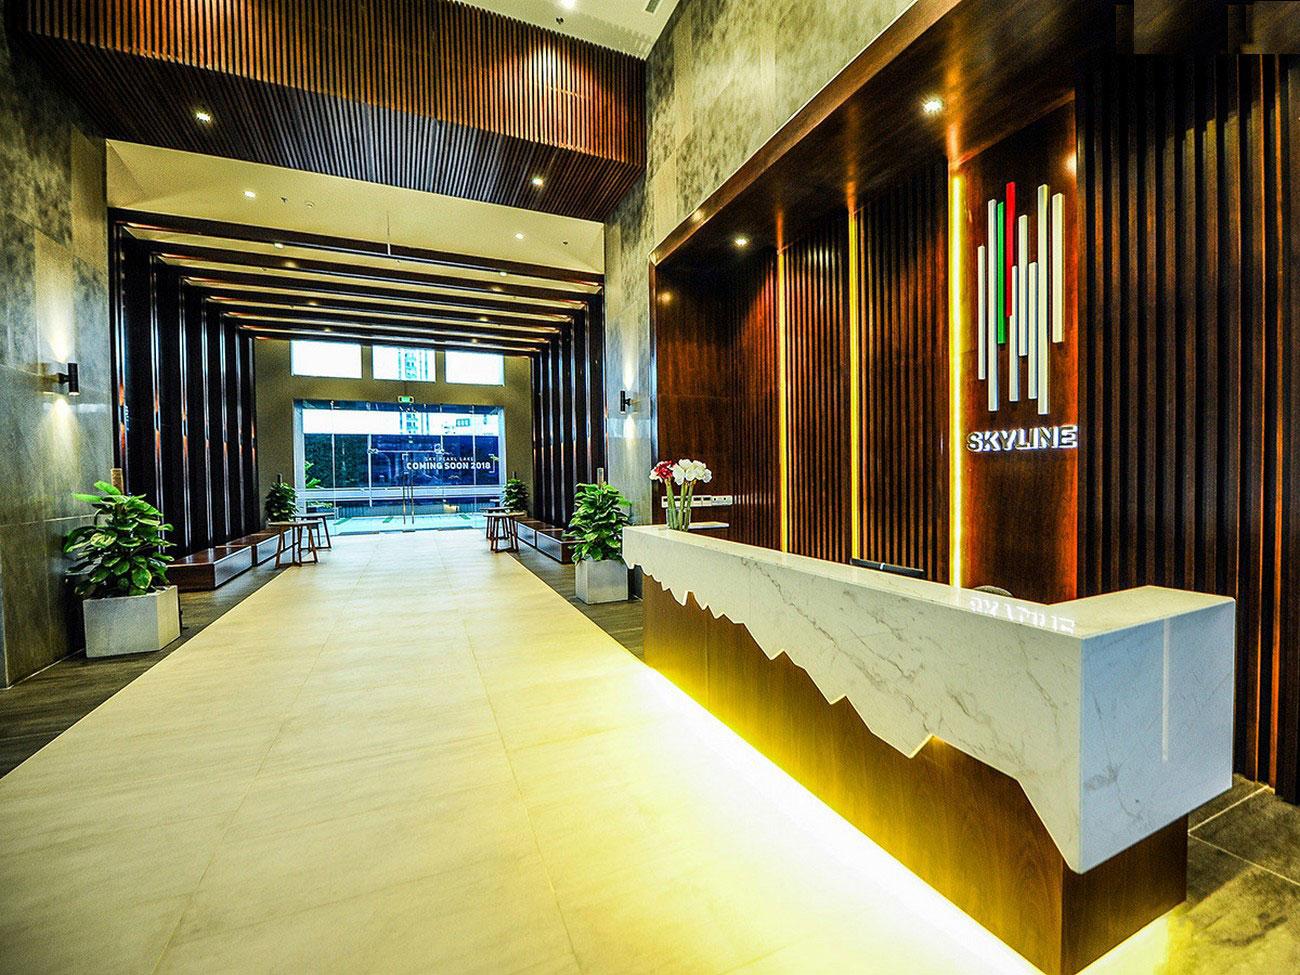 Sảnh đón cư dân An Gia Skyline thiết kế chuẩn khách sạn tạo sự đẳng cấp cho mỗi cư dân tại An Gia Skyline